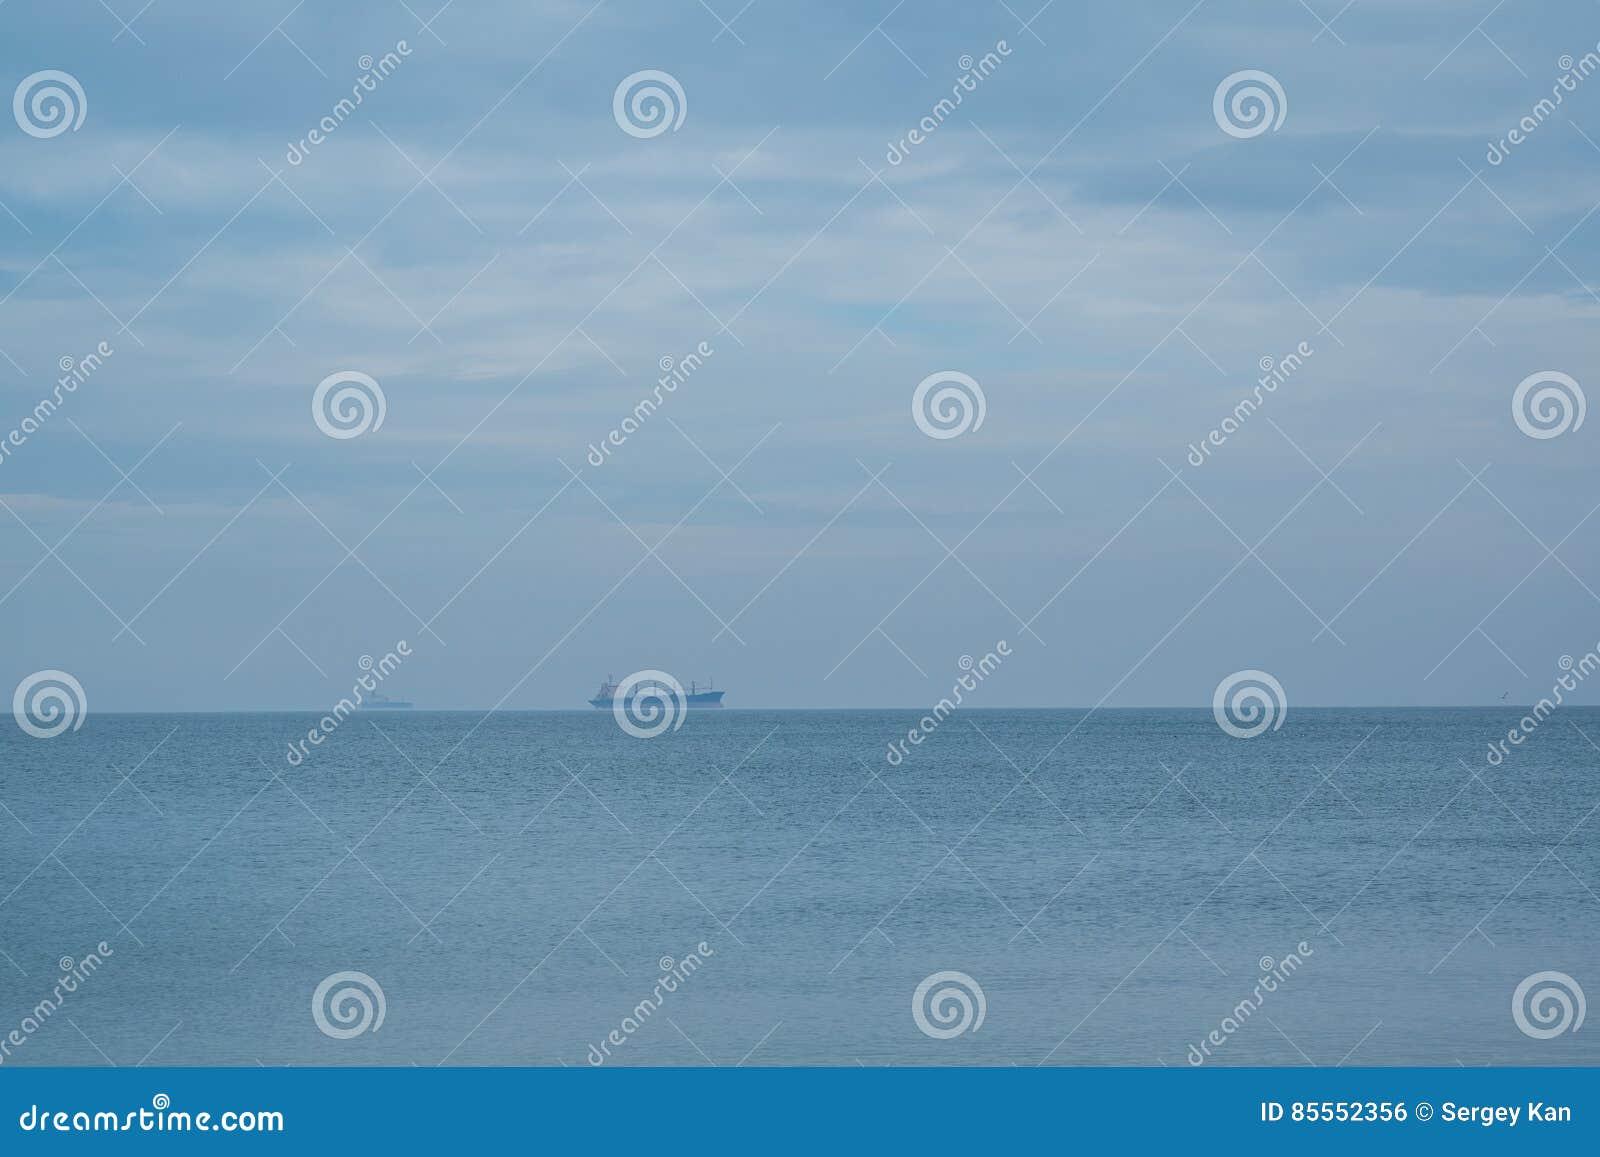 Tanker im Meer